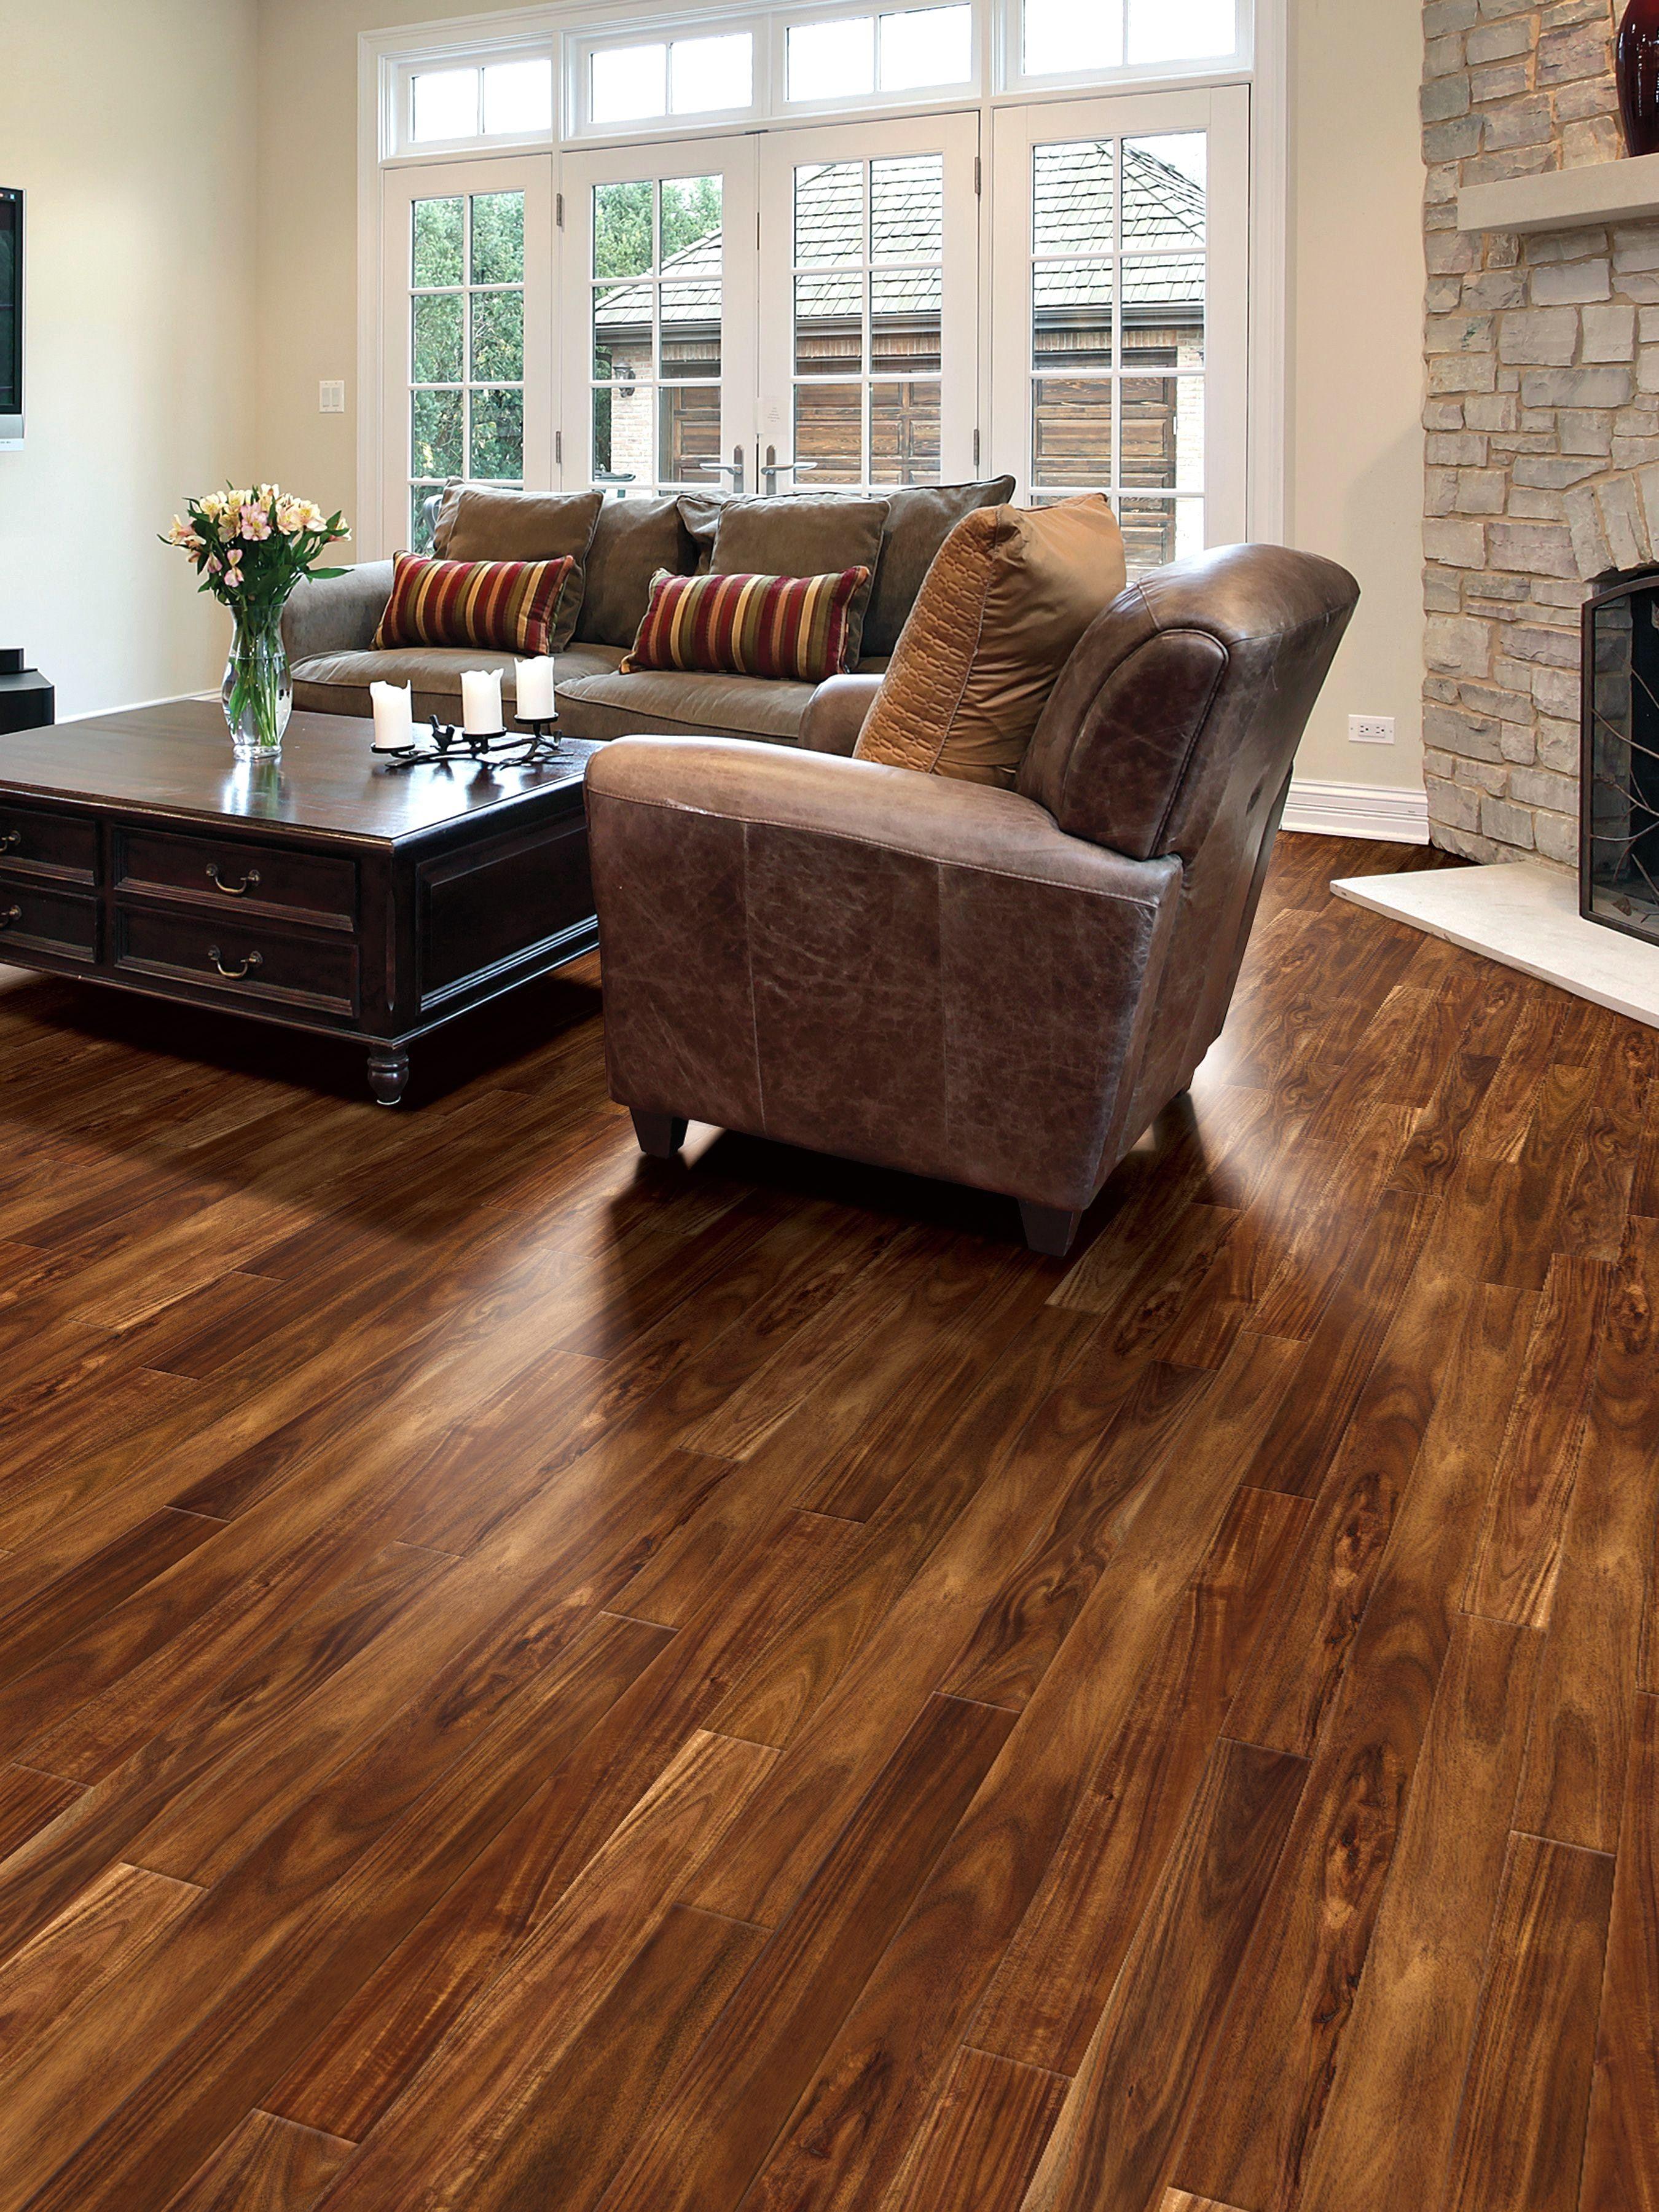 Highest Rated Engineered | Engineered wood floors, Diy ...